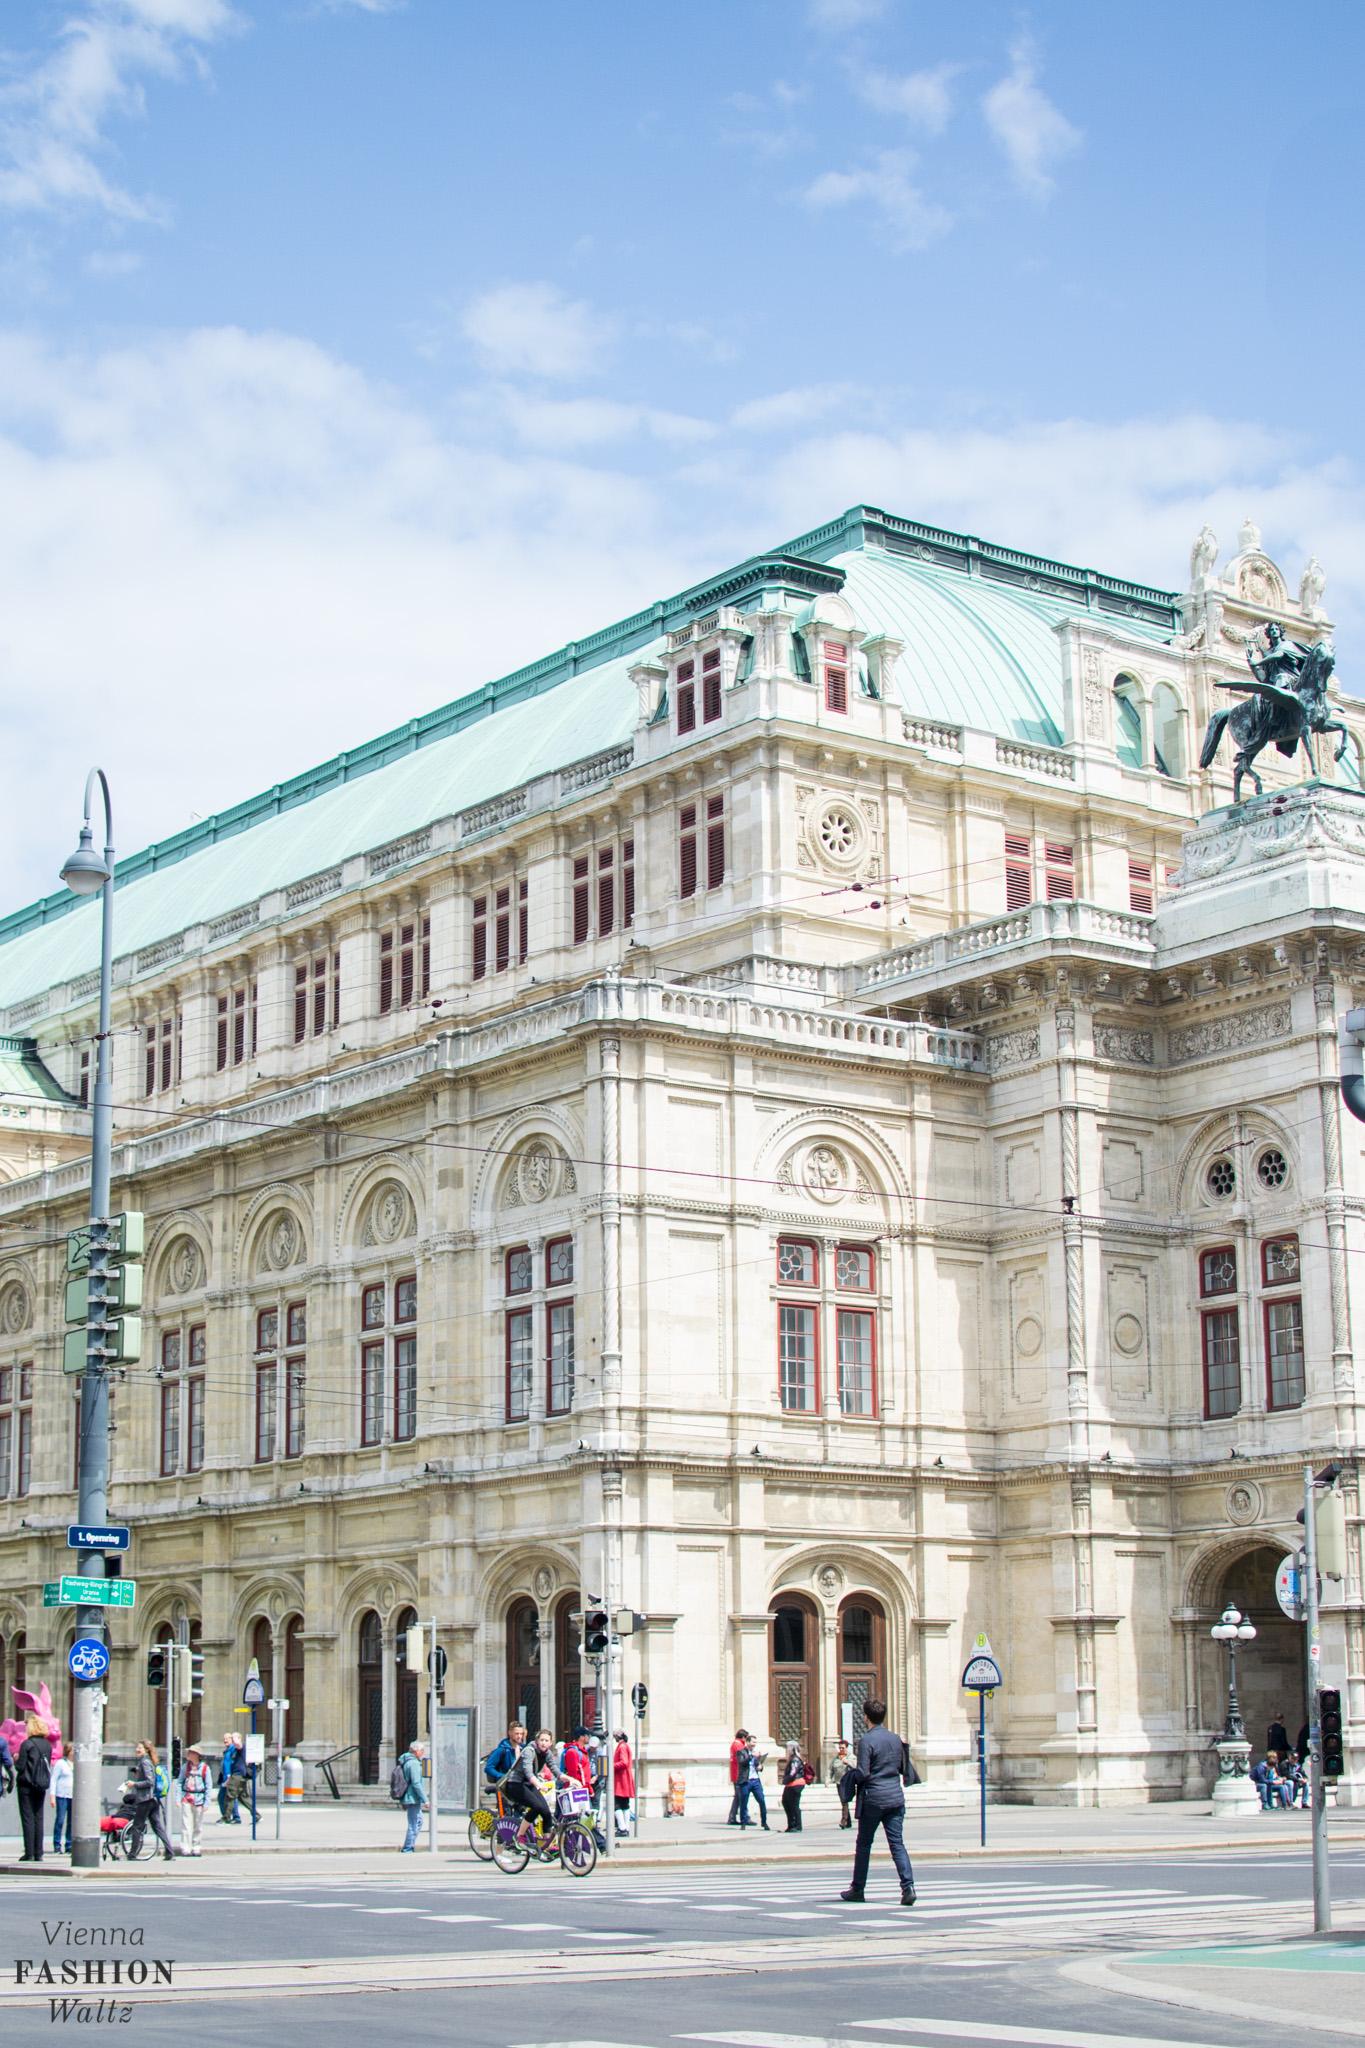 One Day in Vienna - Insider Tipps: Die Oper anschauen!